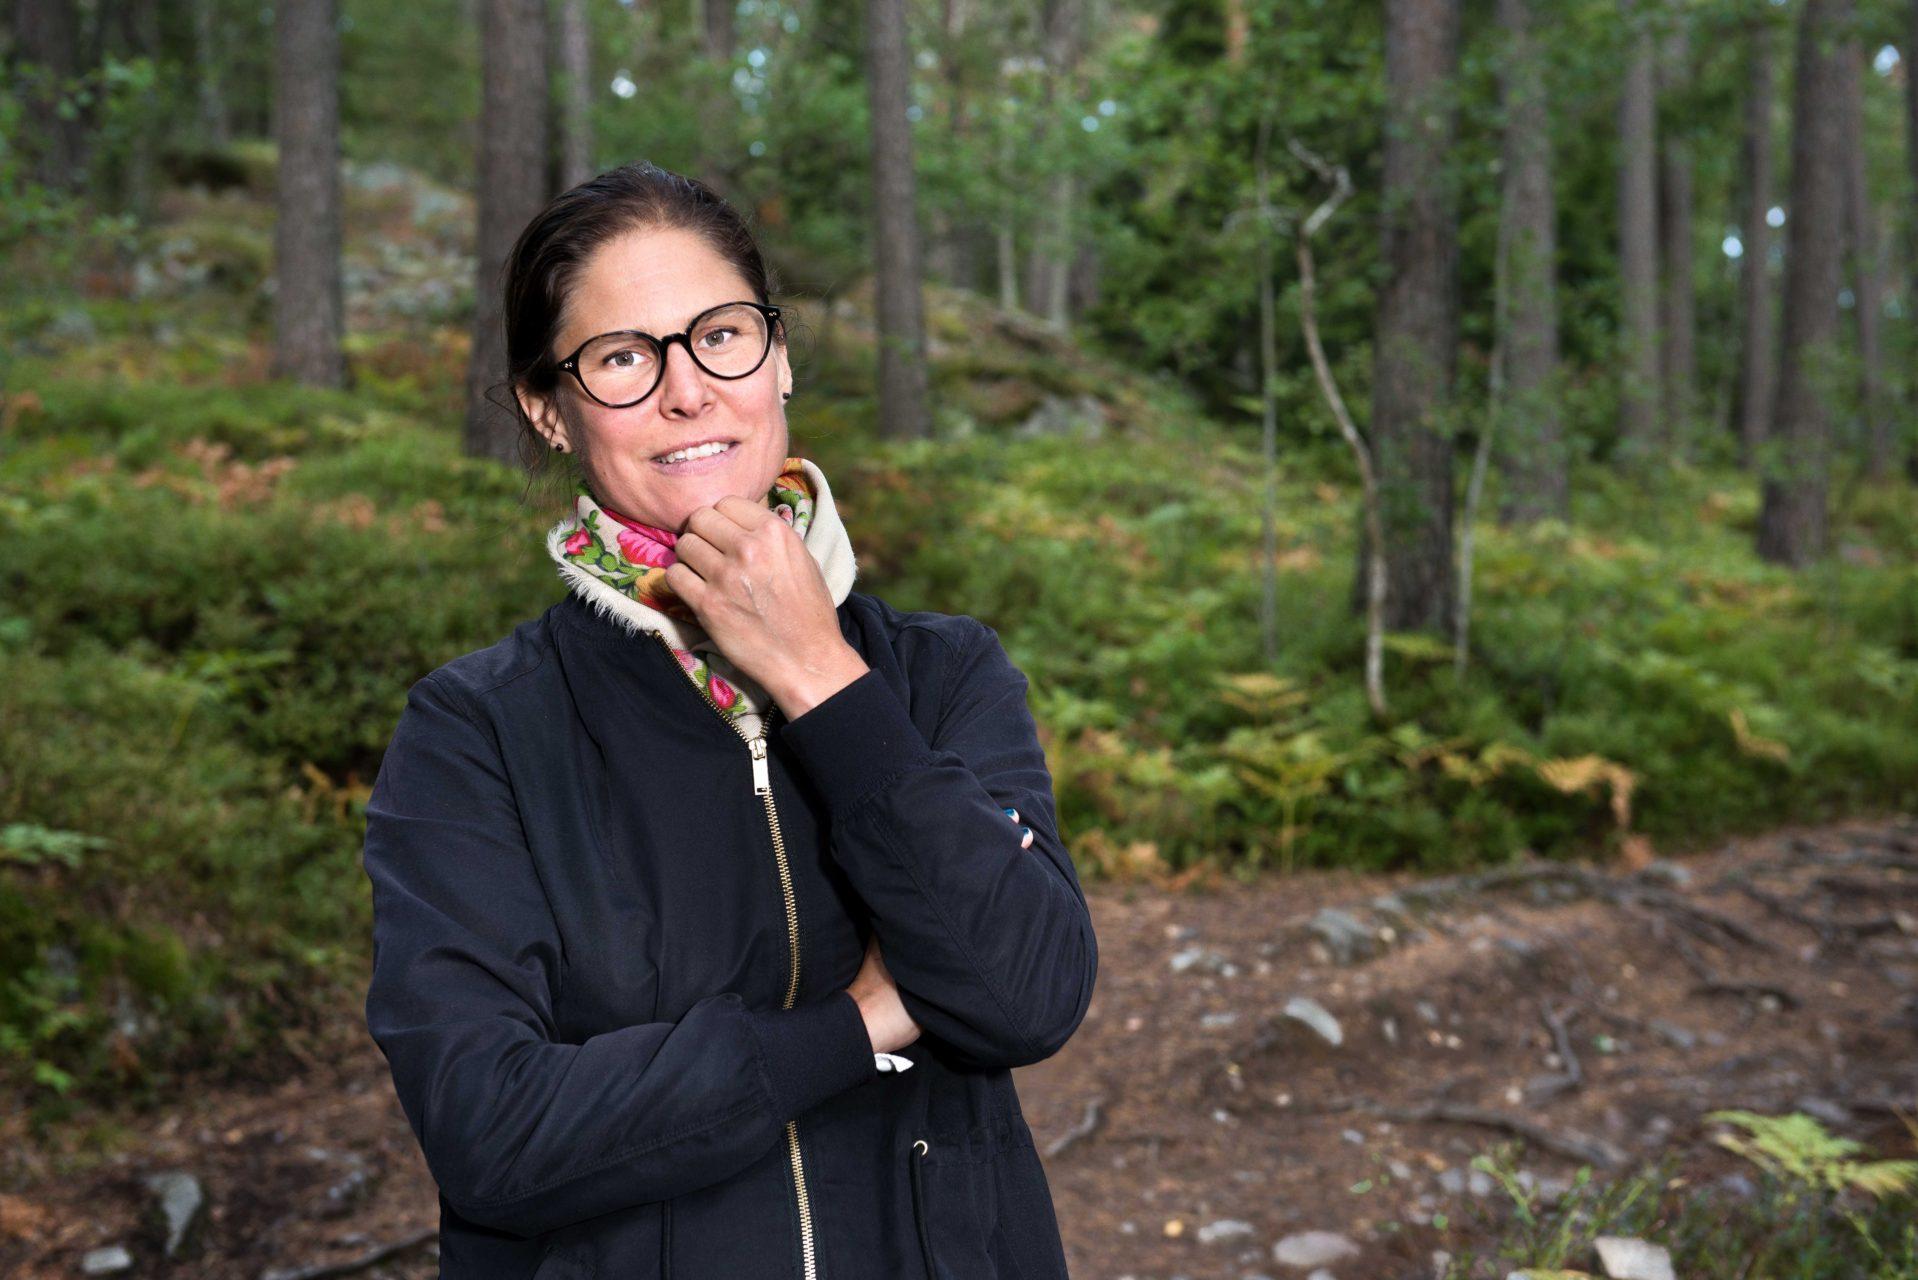 Johanna Sandahl är Naturskyddsföreningens ordförande. Jag fotograferade henne på uppdrag av Skogsstyrelsens tidning SkogsEko #3 2017.-TIFF-0366